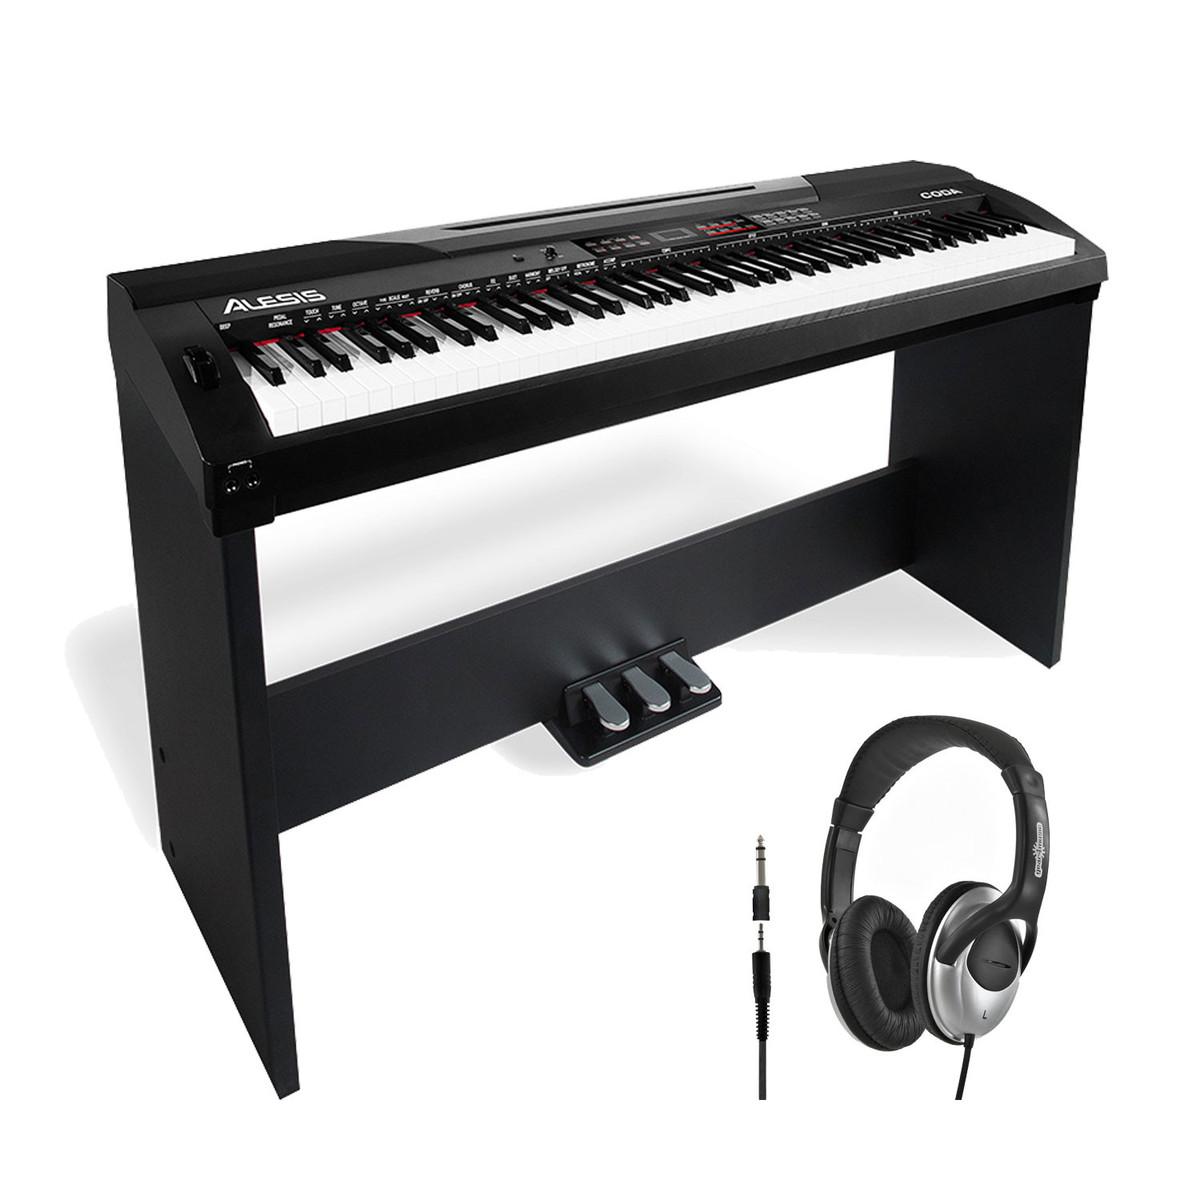 disc alesis coda piano num rique de 88 touches avec. Black Bedroom Furniture Sets. Home Design Ideas